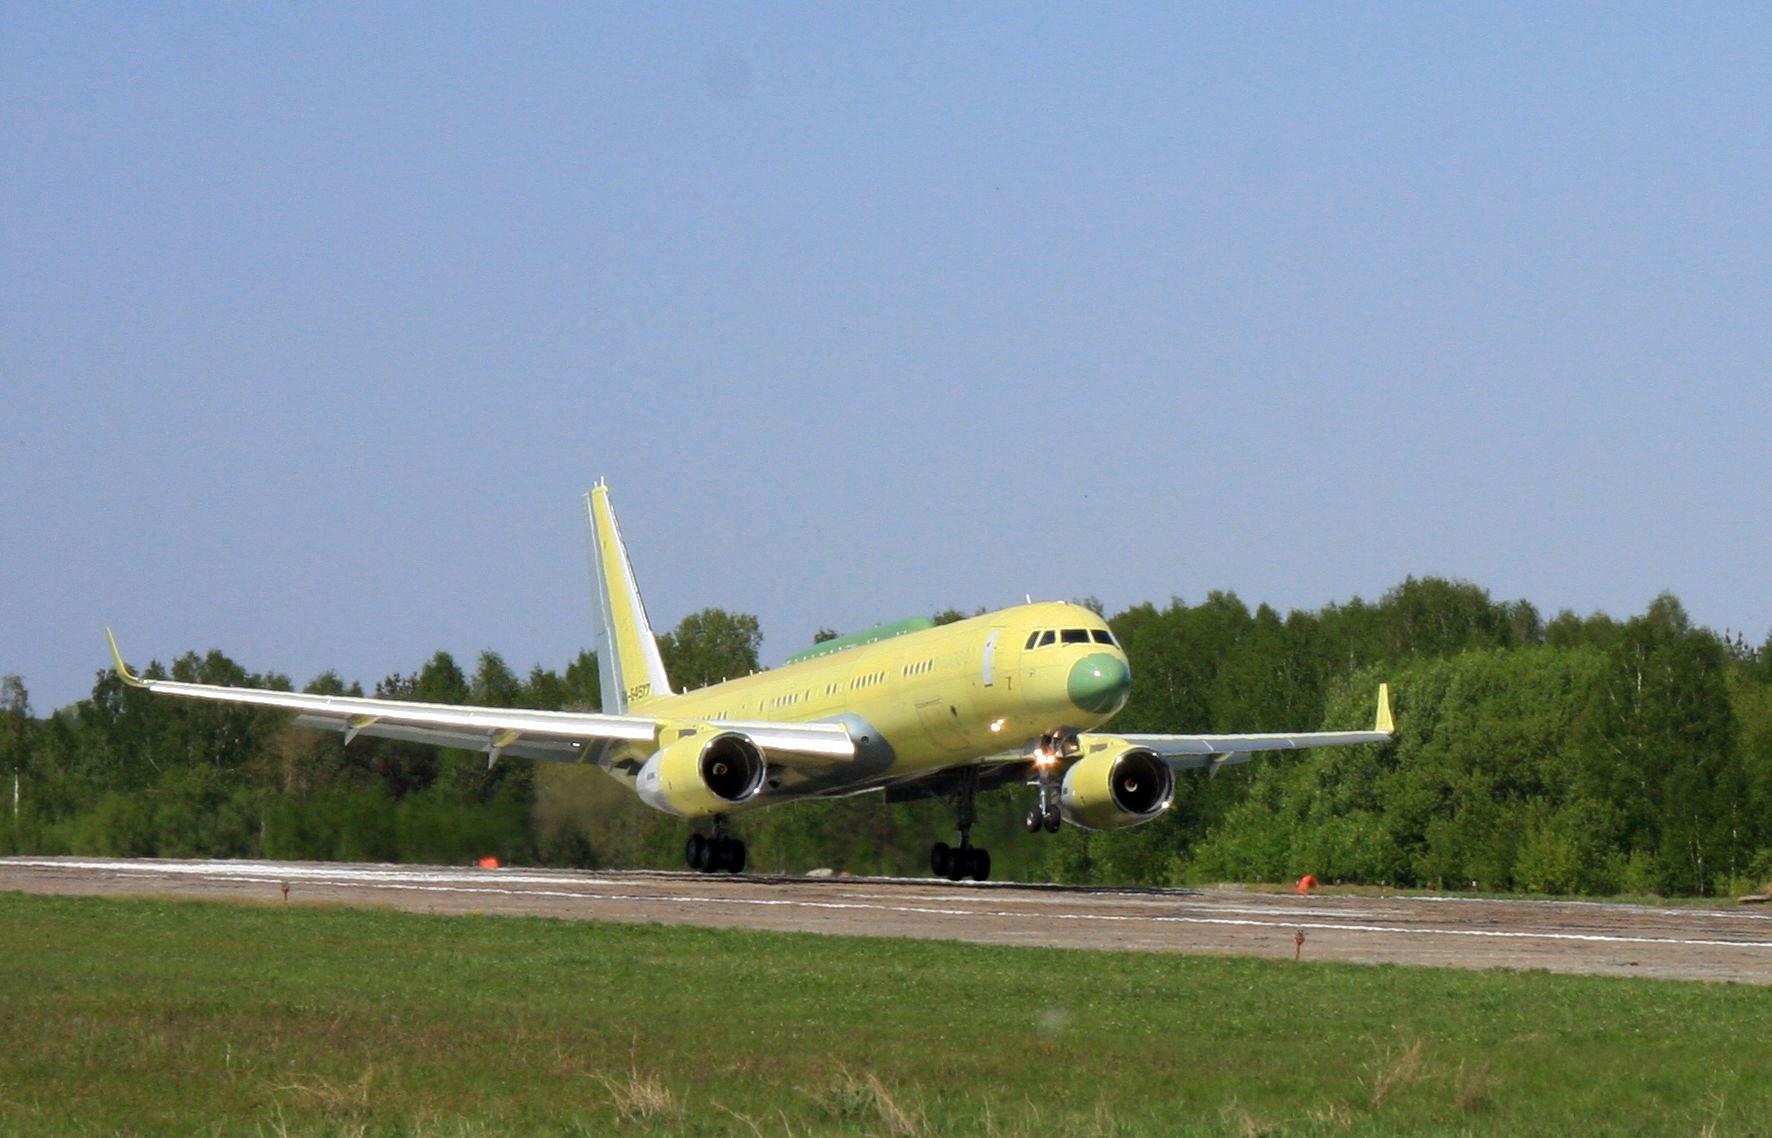 Российский среднемагистральный пассажирский самолет Ту-214